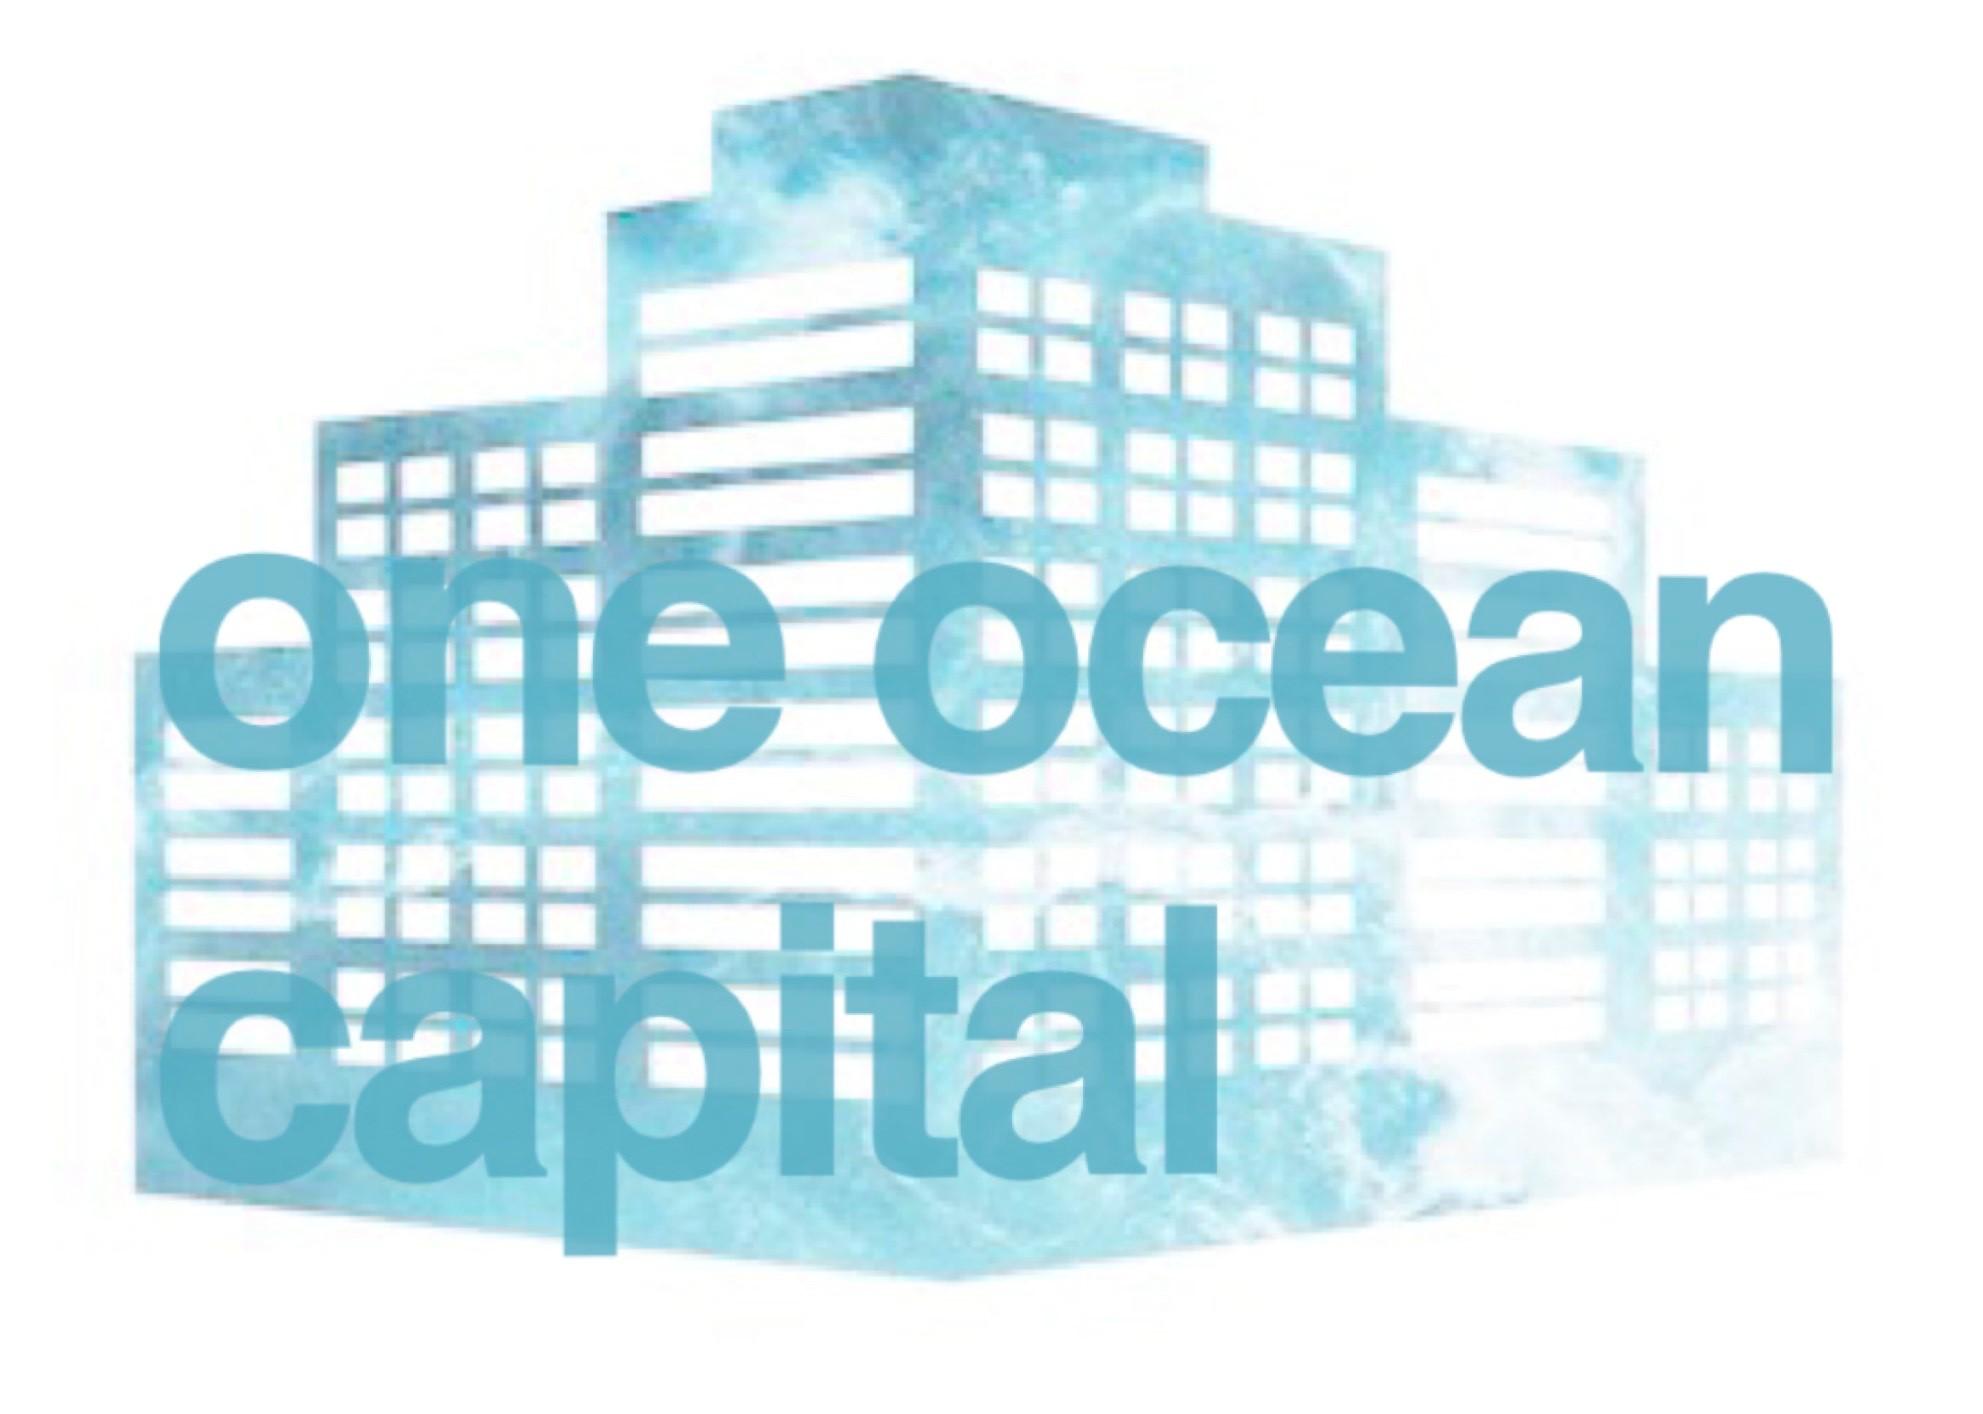 1Ocean Capital